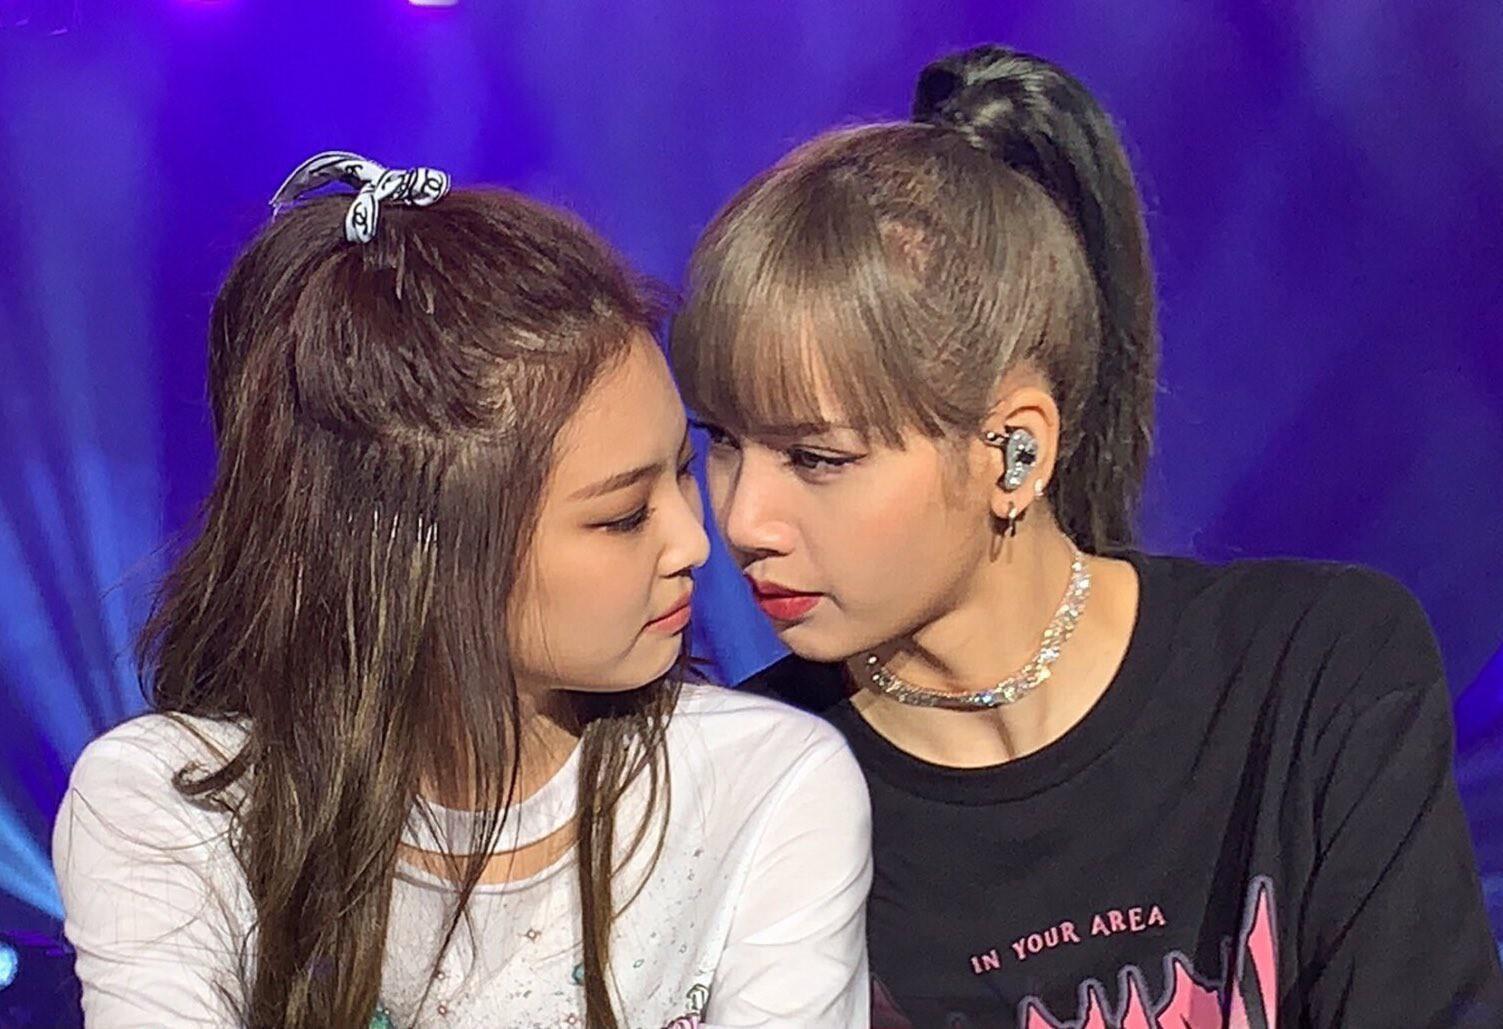 Thuyền Jenlisa được dịp căng buồm ra khơi: Jennie và Lisa thả thính nhau đến mức nghiện tại concert Black Pink ở Mỹ - Ảnh 6.